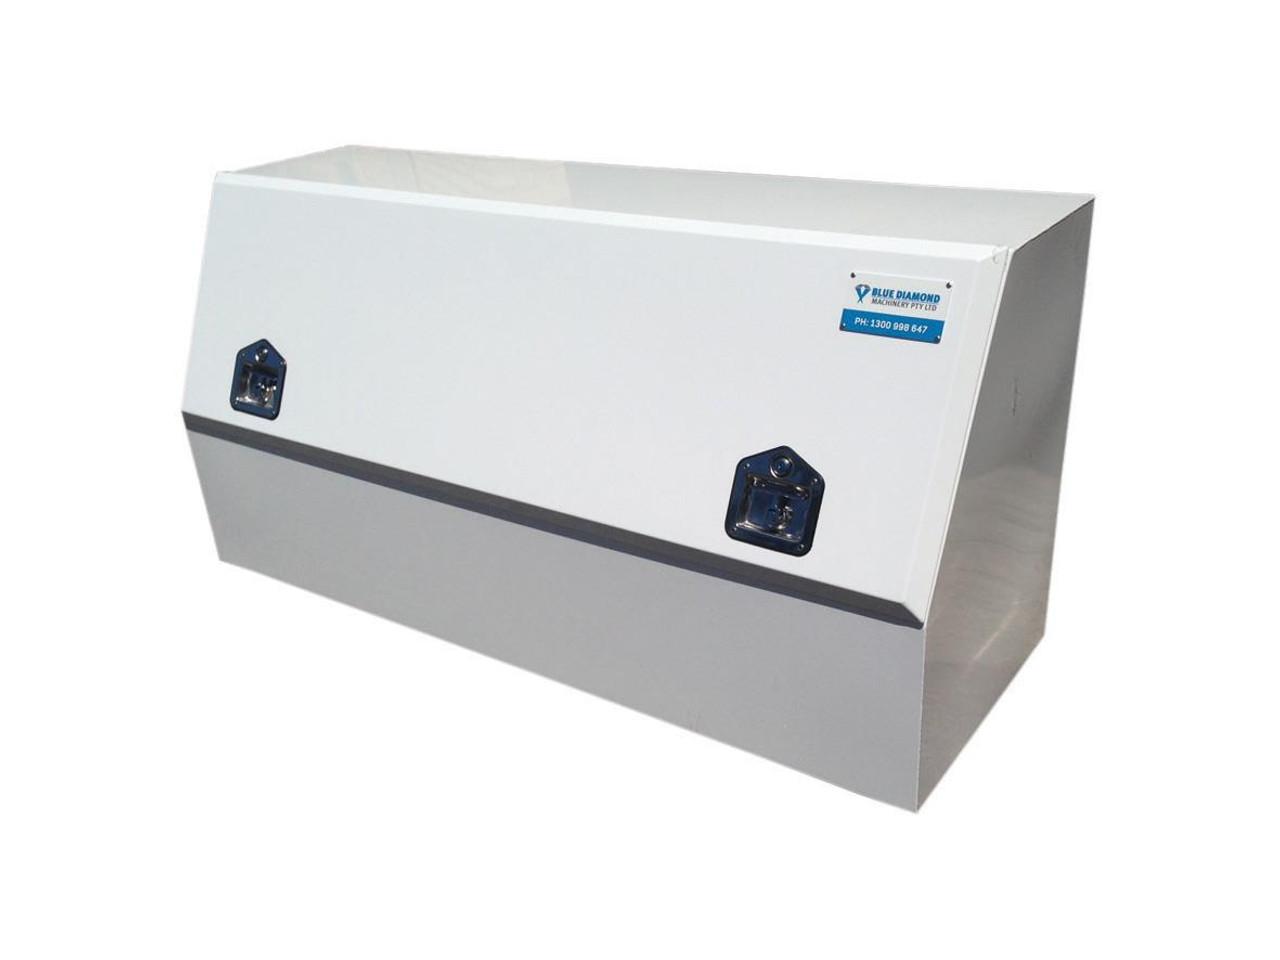 Steel Tool Box - Half Height Door for UTE or Truck